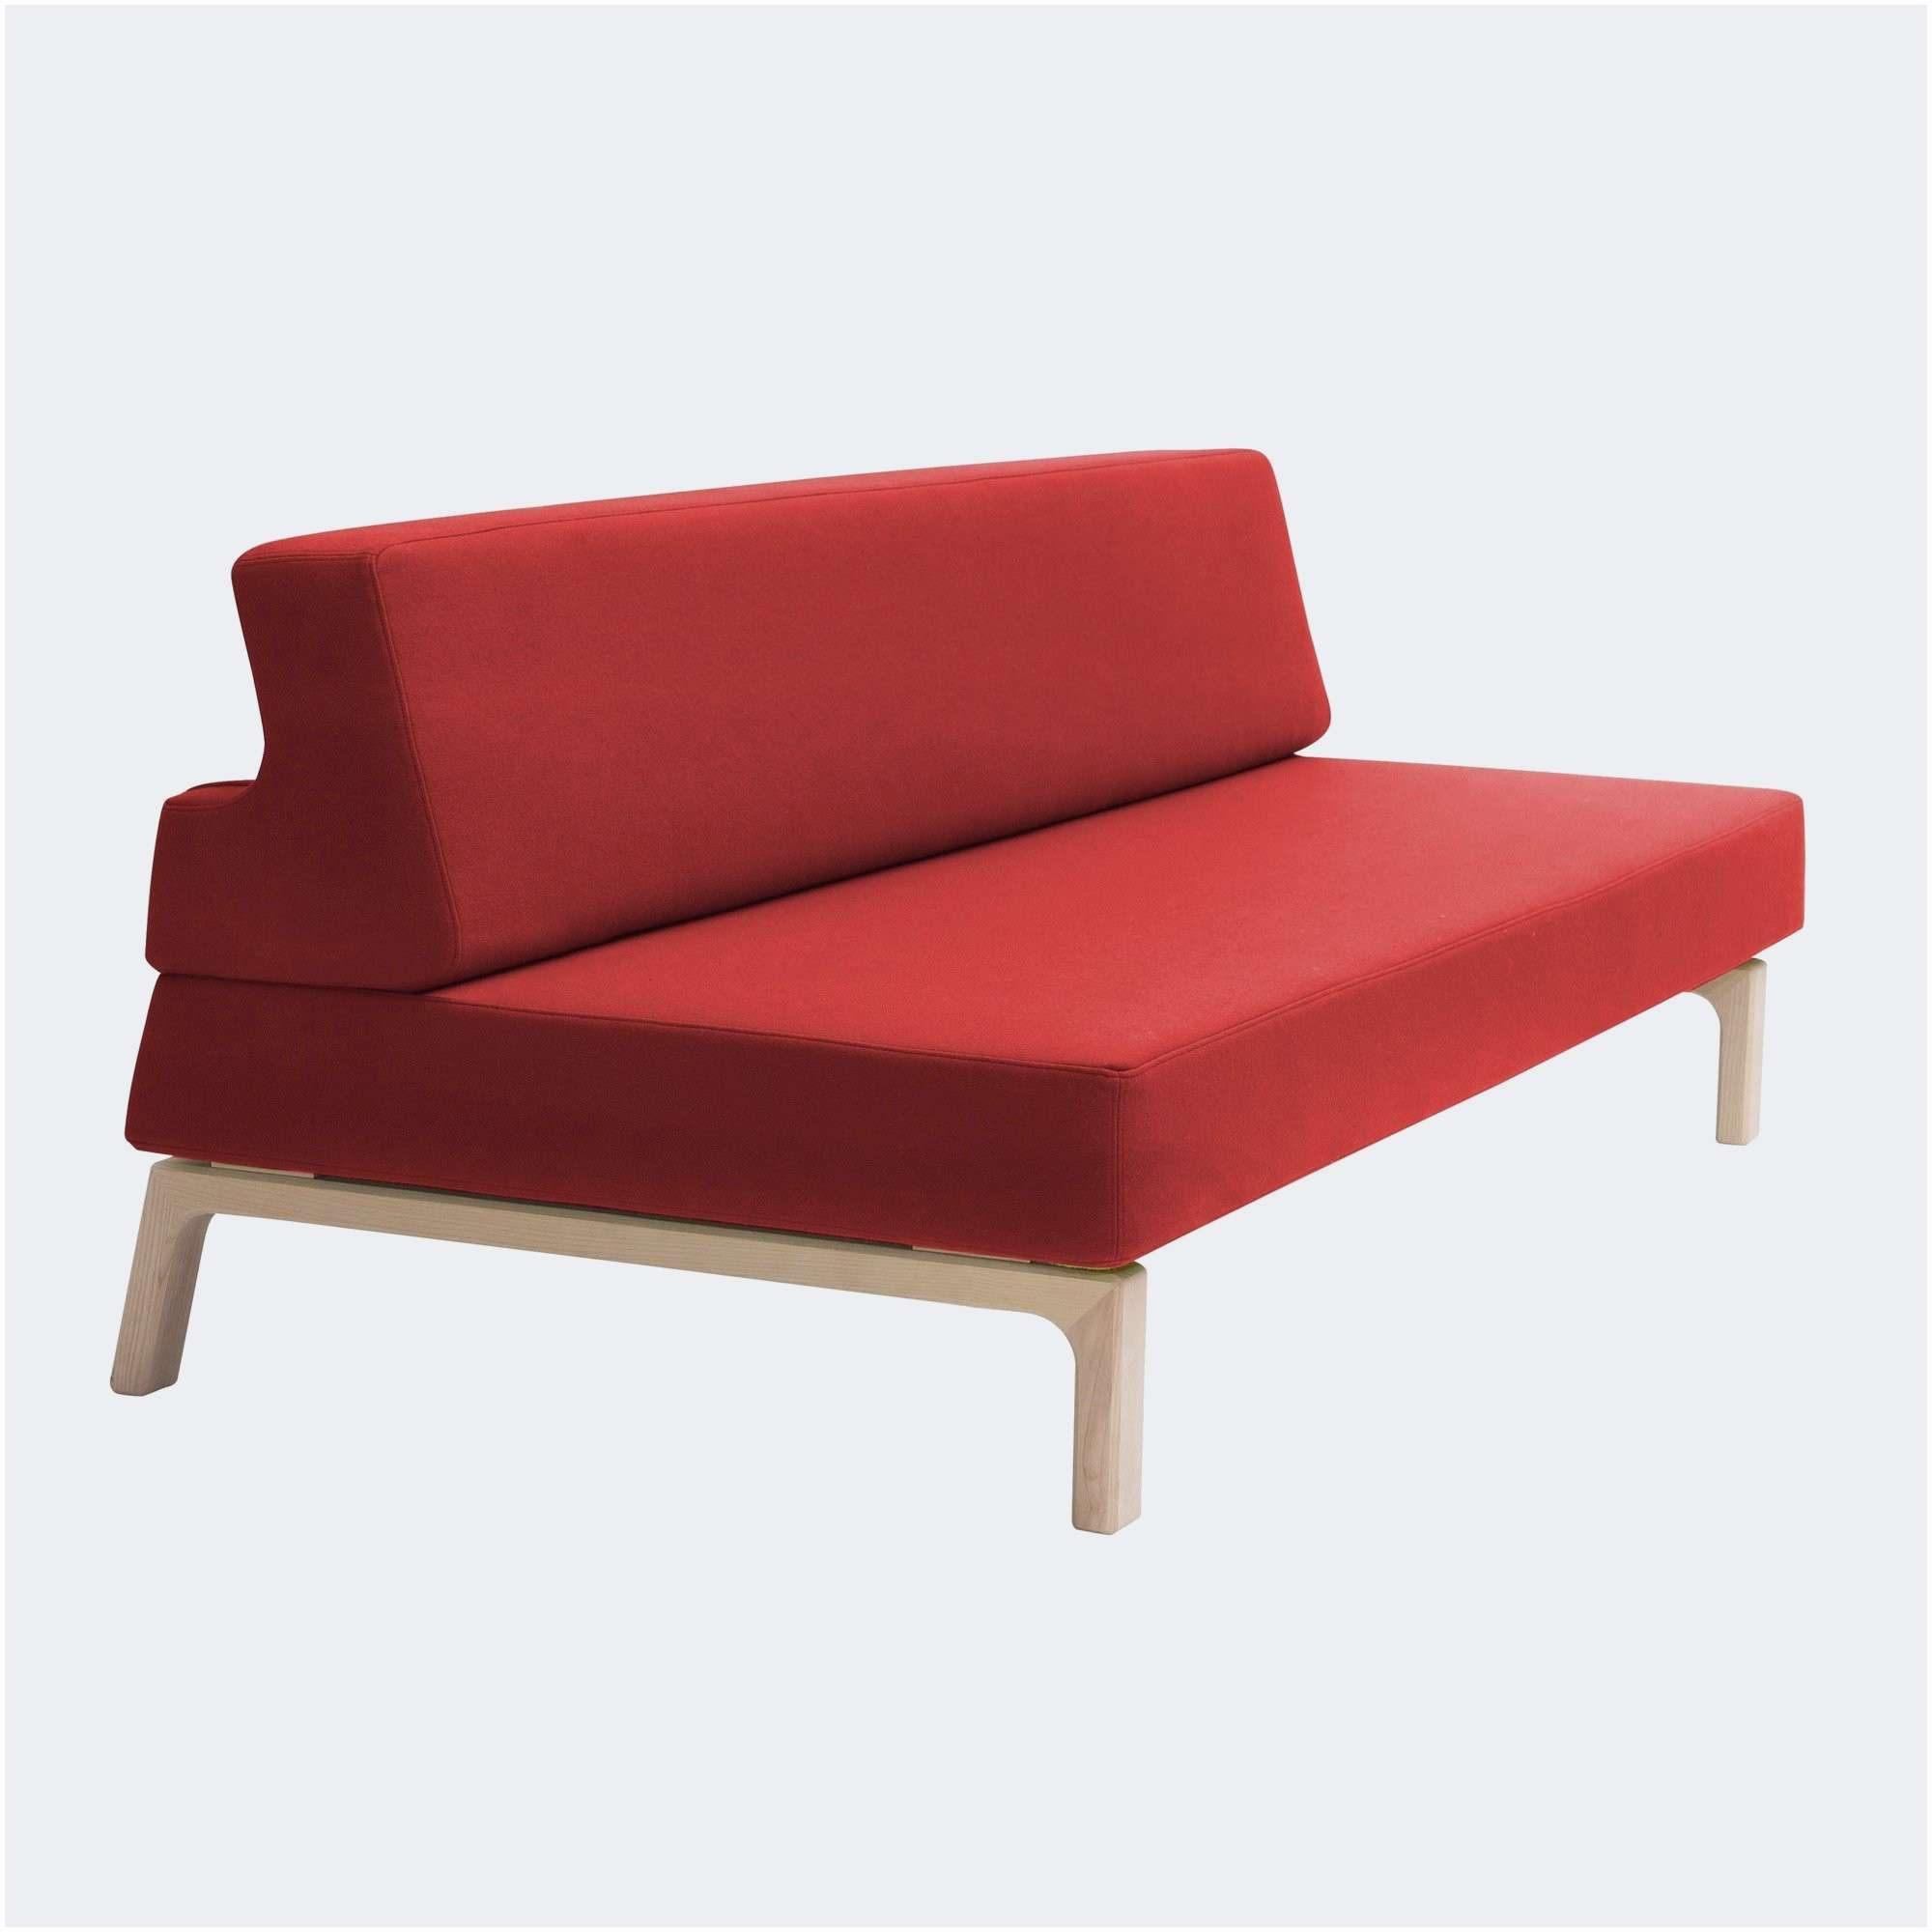 Canapé Lit 2 Places Inspirant Unique Canapé Pas Cher Belgique Pour Choix Canapé 2 Places Ikea